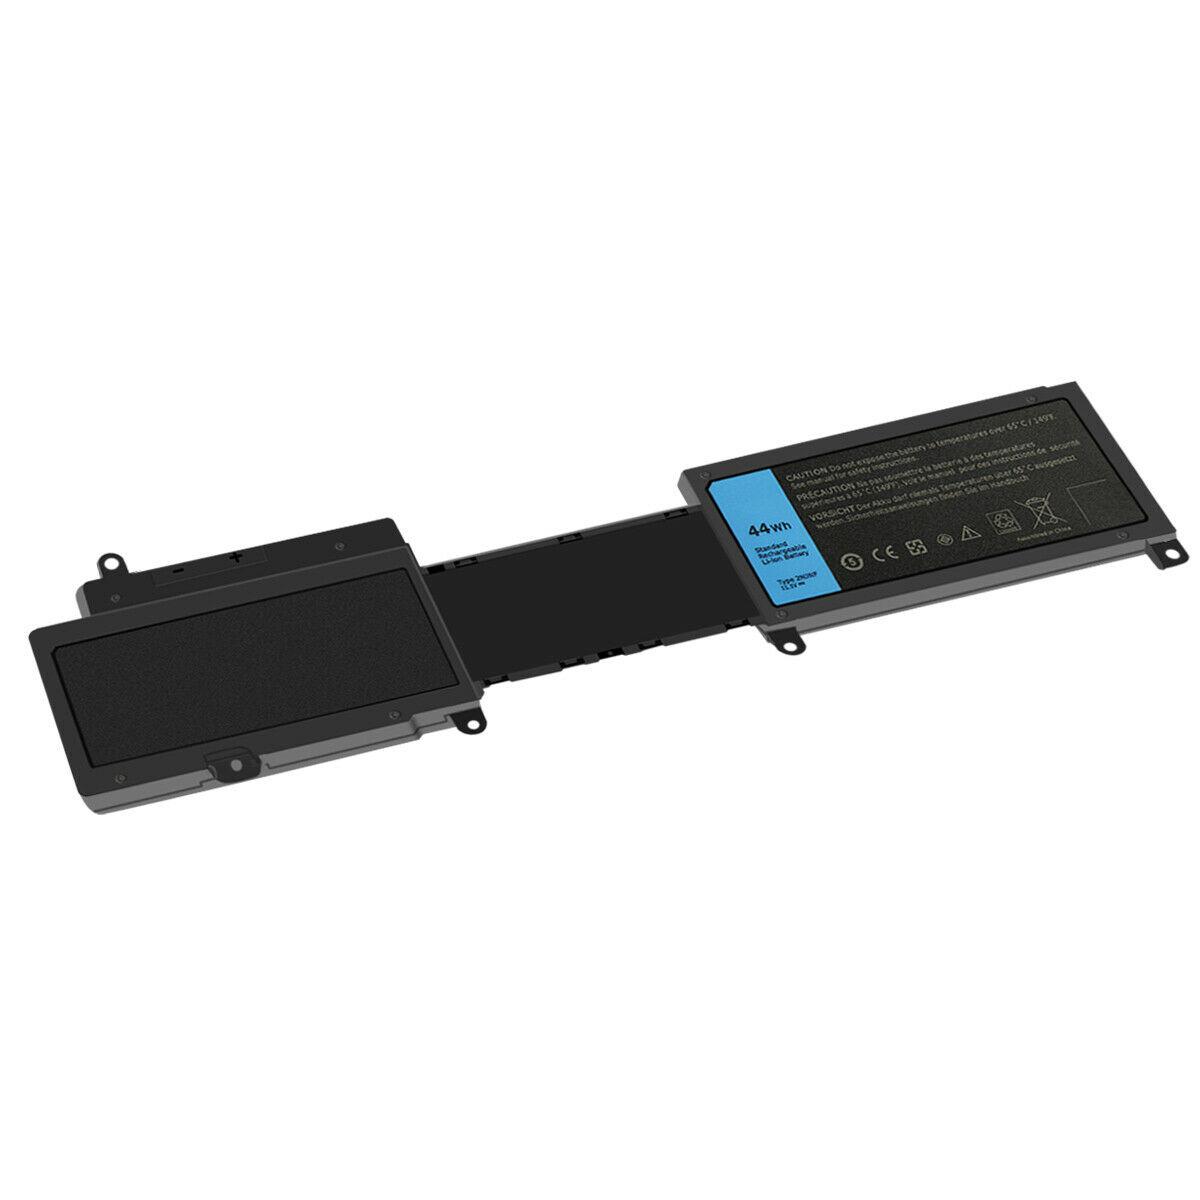 Batterie pour Dell Inspiron 14z-5423 15z 5523 P26F P26F001 2NJNF,T41M0,TPMCF 3900mAh (compatible)